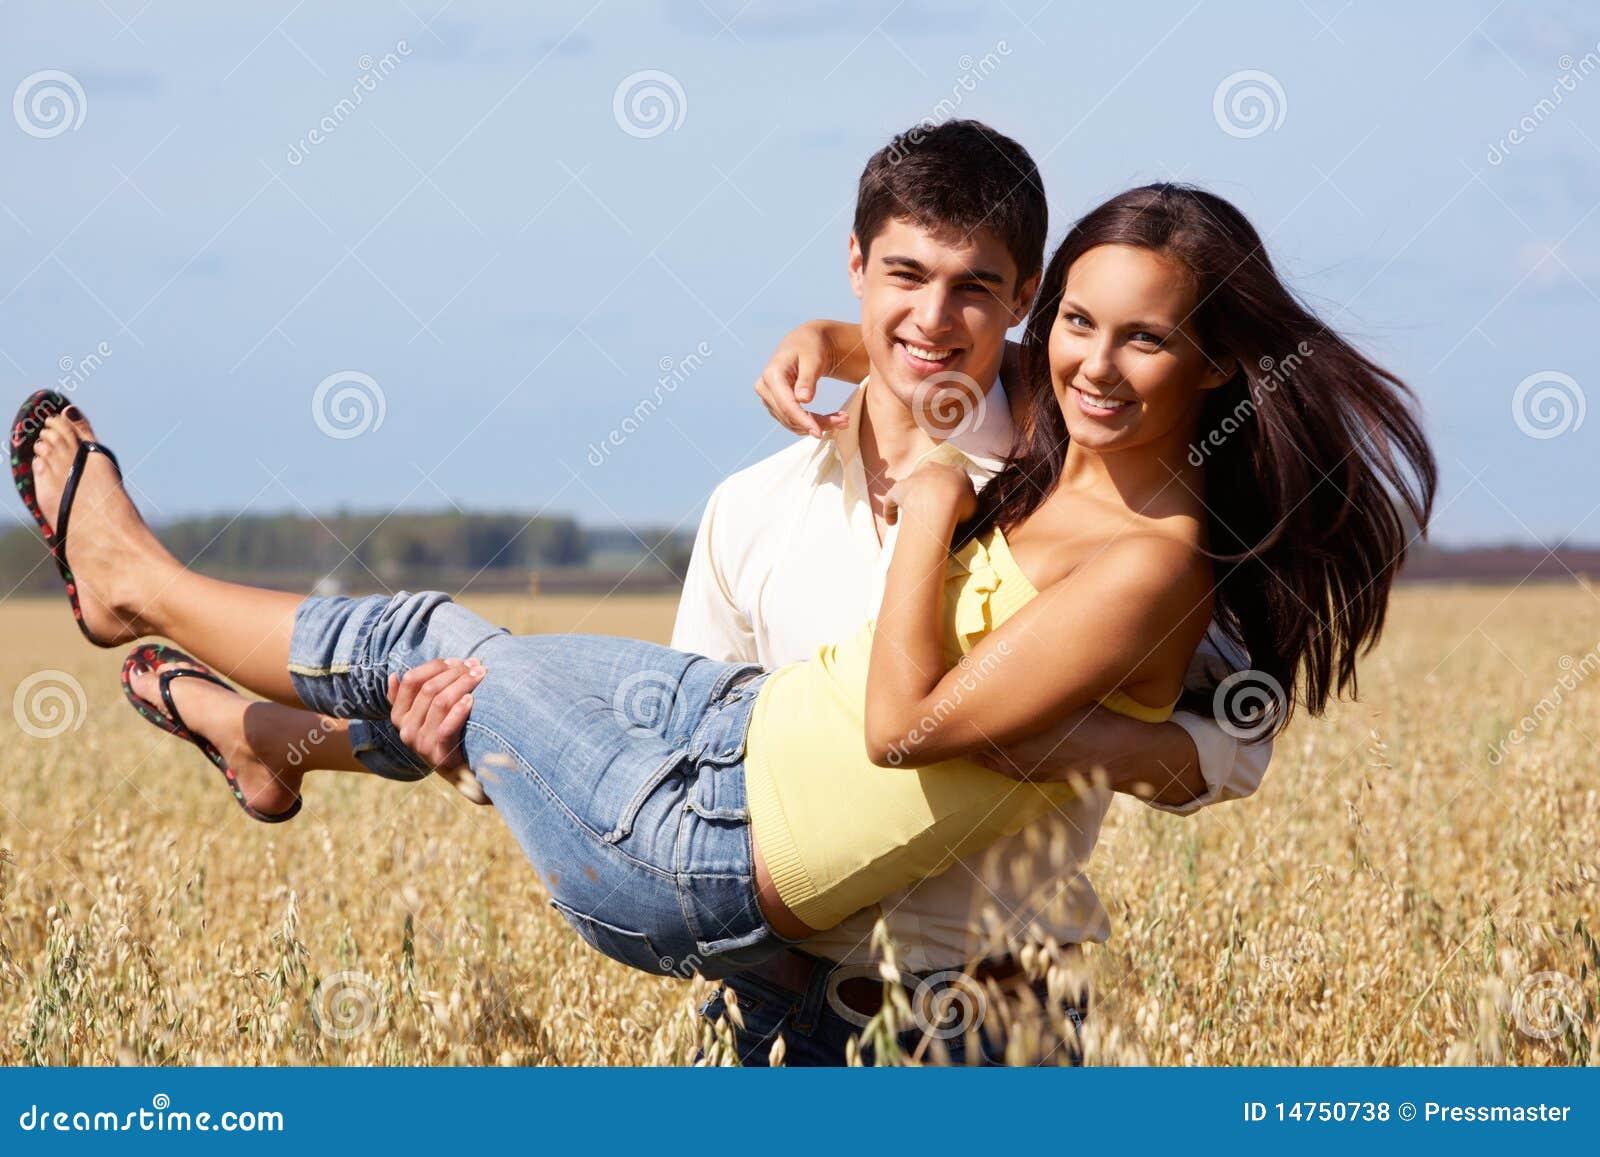 Как парень носит девушку на руках фото